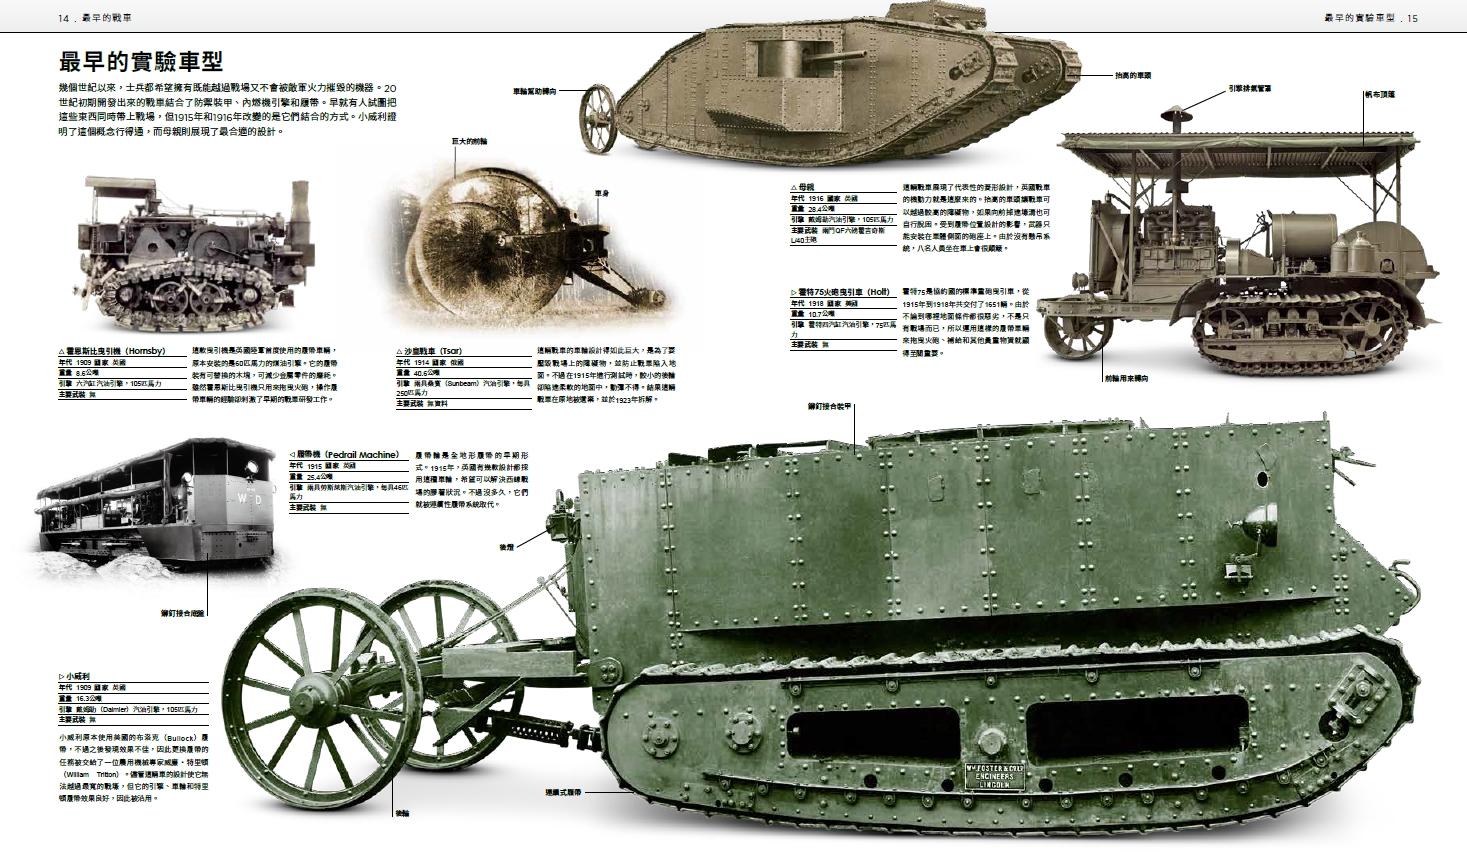 小威利原本使用美國的布洛克(Bullock)履帶,不過之後發現效果不佳,因此更換履帶的任務被交給了一位農用機械專家威廉・特里頓(William Tritton)。儘管這輛車的設計使它無法越過最寬的戰壕,但它的引擎、車輪和特里頓履帶效果良好,因此被沿用。